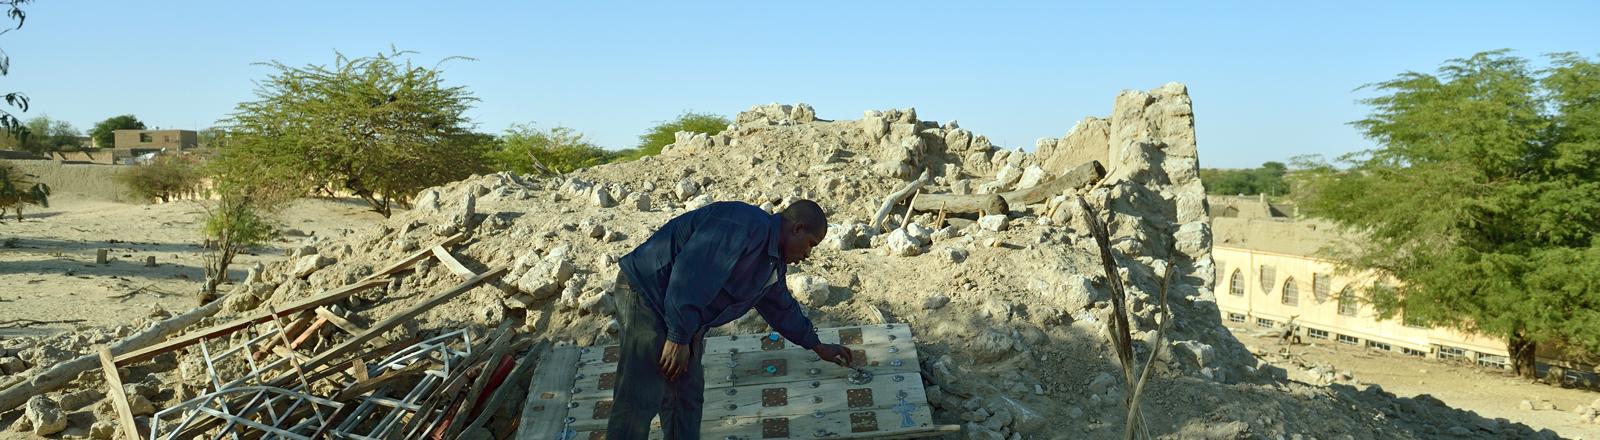 Ruinen des von Islamisten zerstörte Mausoleums des Alfa Moya in Timbuktu (Mali)